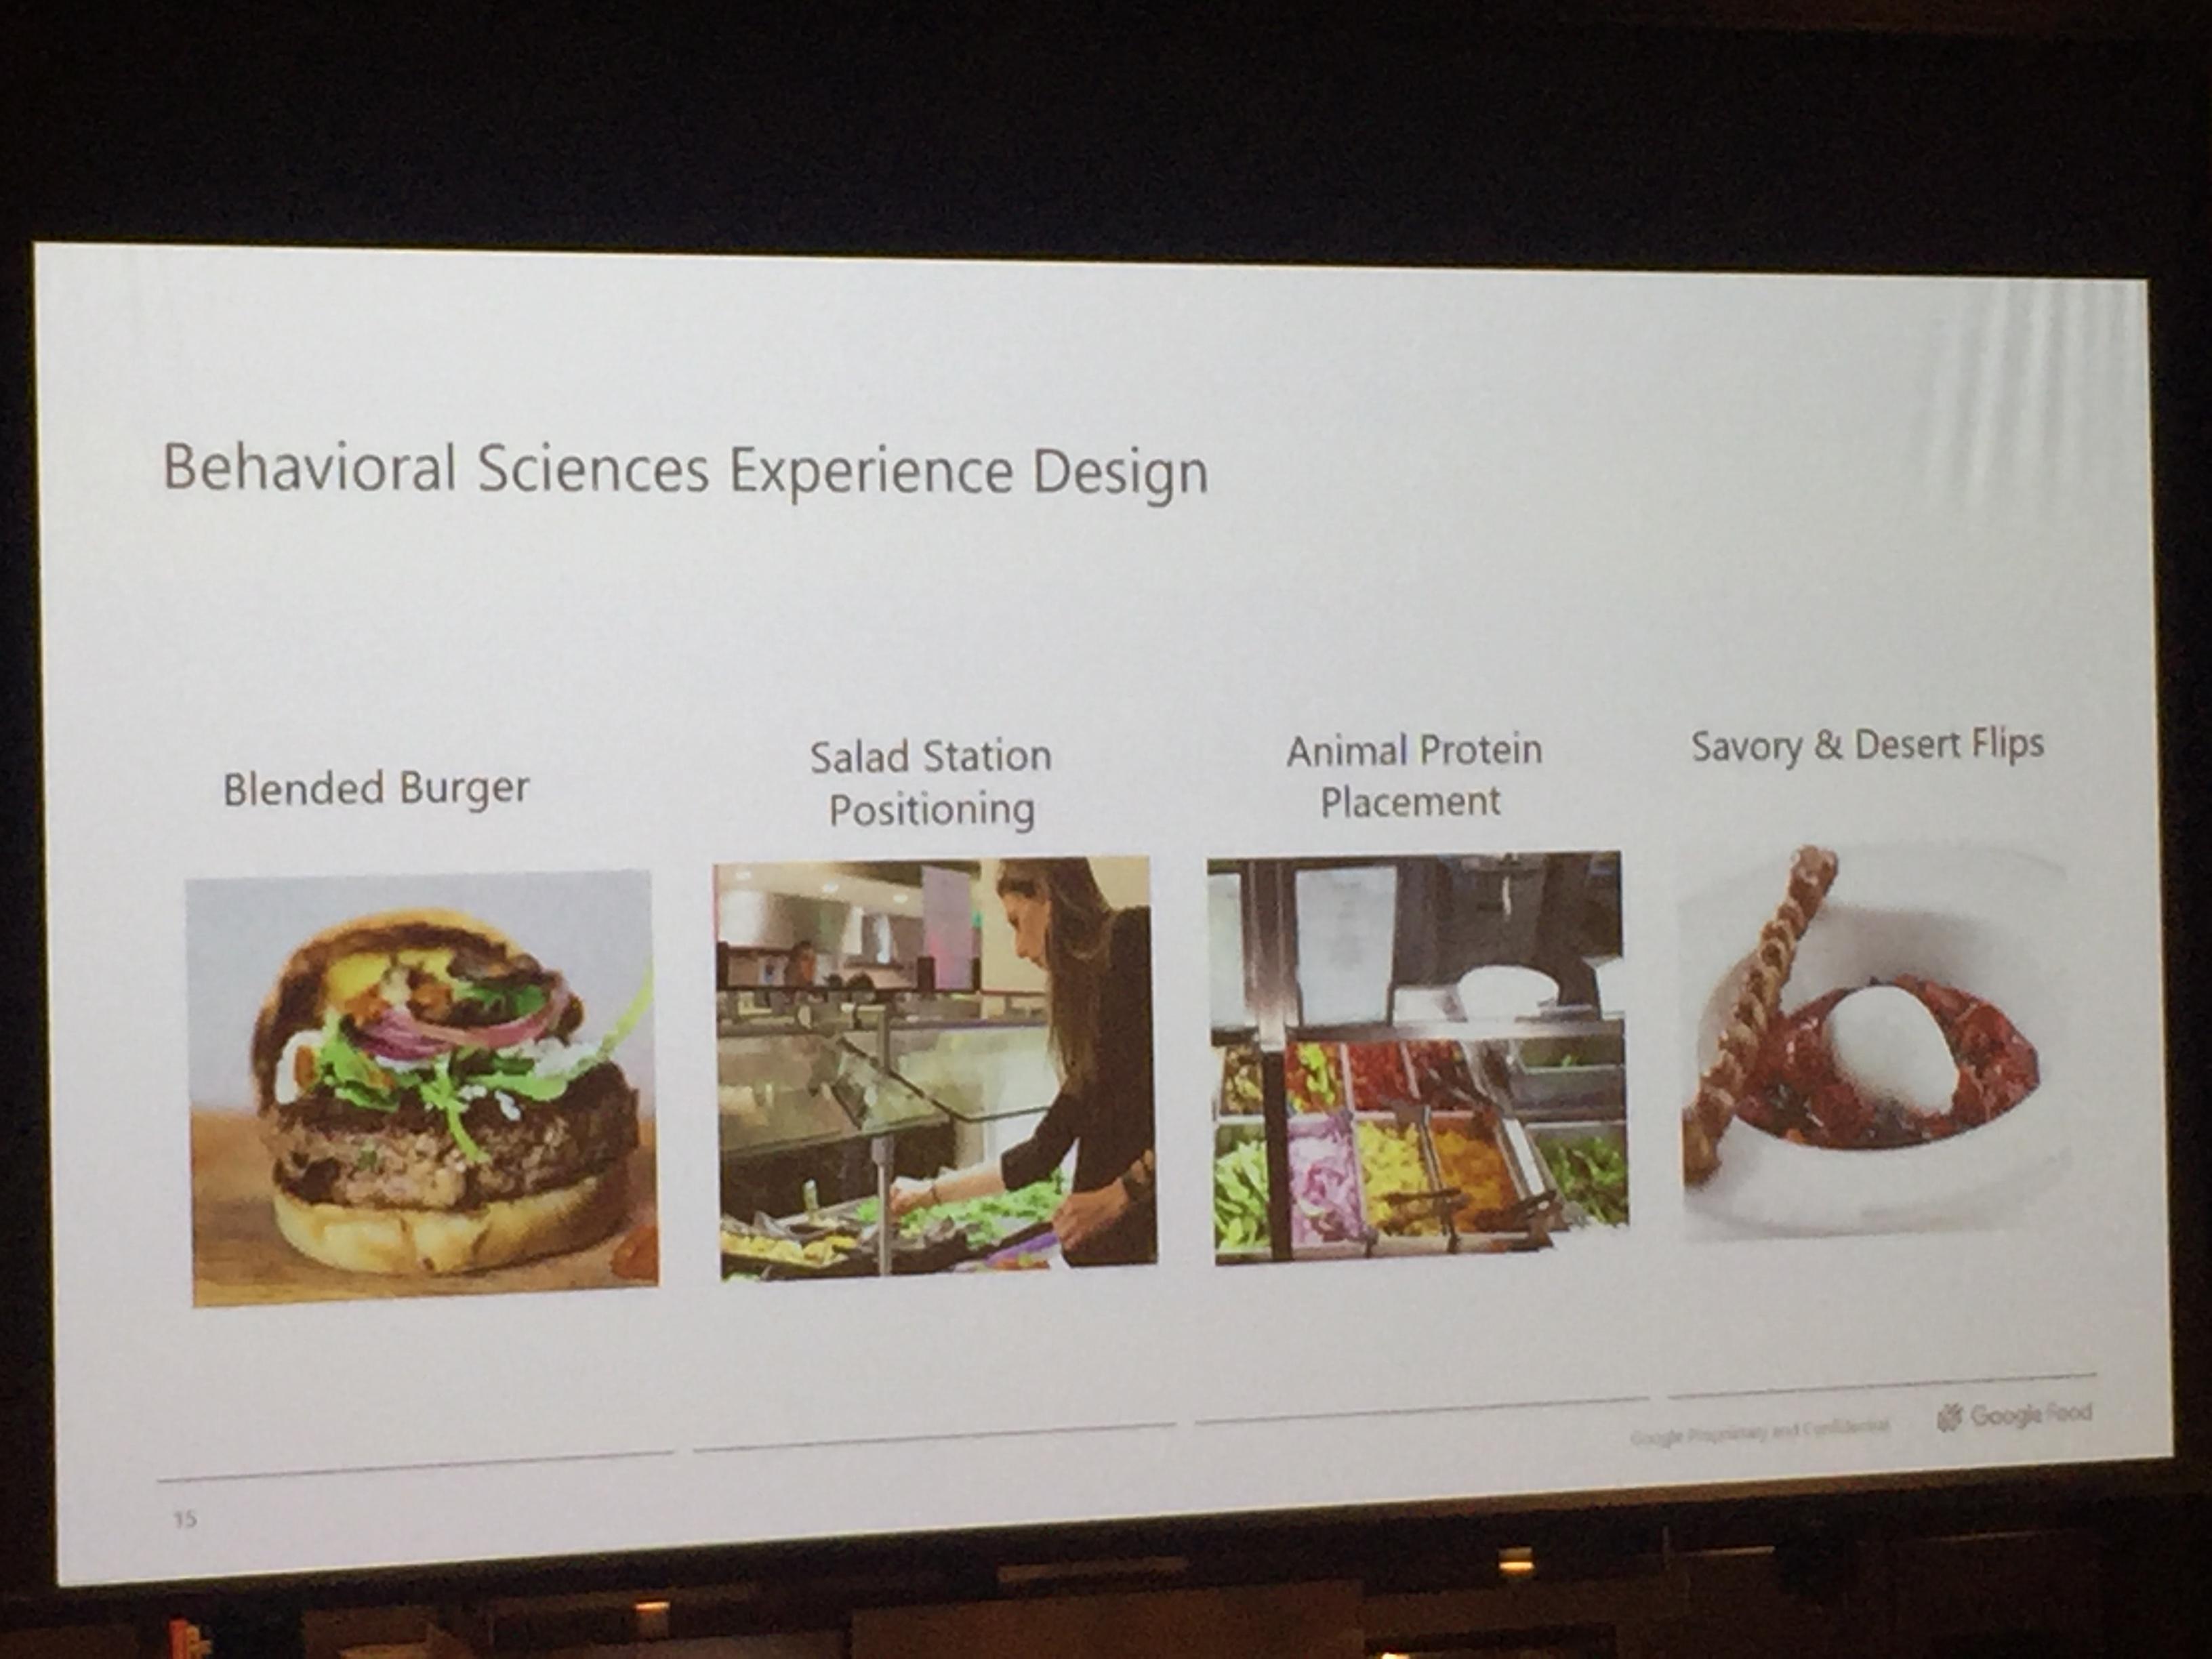 구글 푸드가 추구하는 경험 디자인: 직원들이 더 건강한 음식을 섭취하도록 유도하기 위해 메뉴 종류, 스테이션 배치 등에 행동 과학 모델을 적용하고 있다. ⓒ이분영